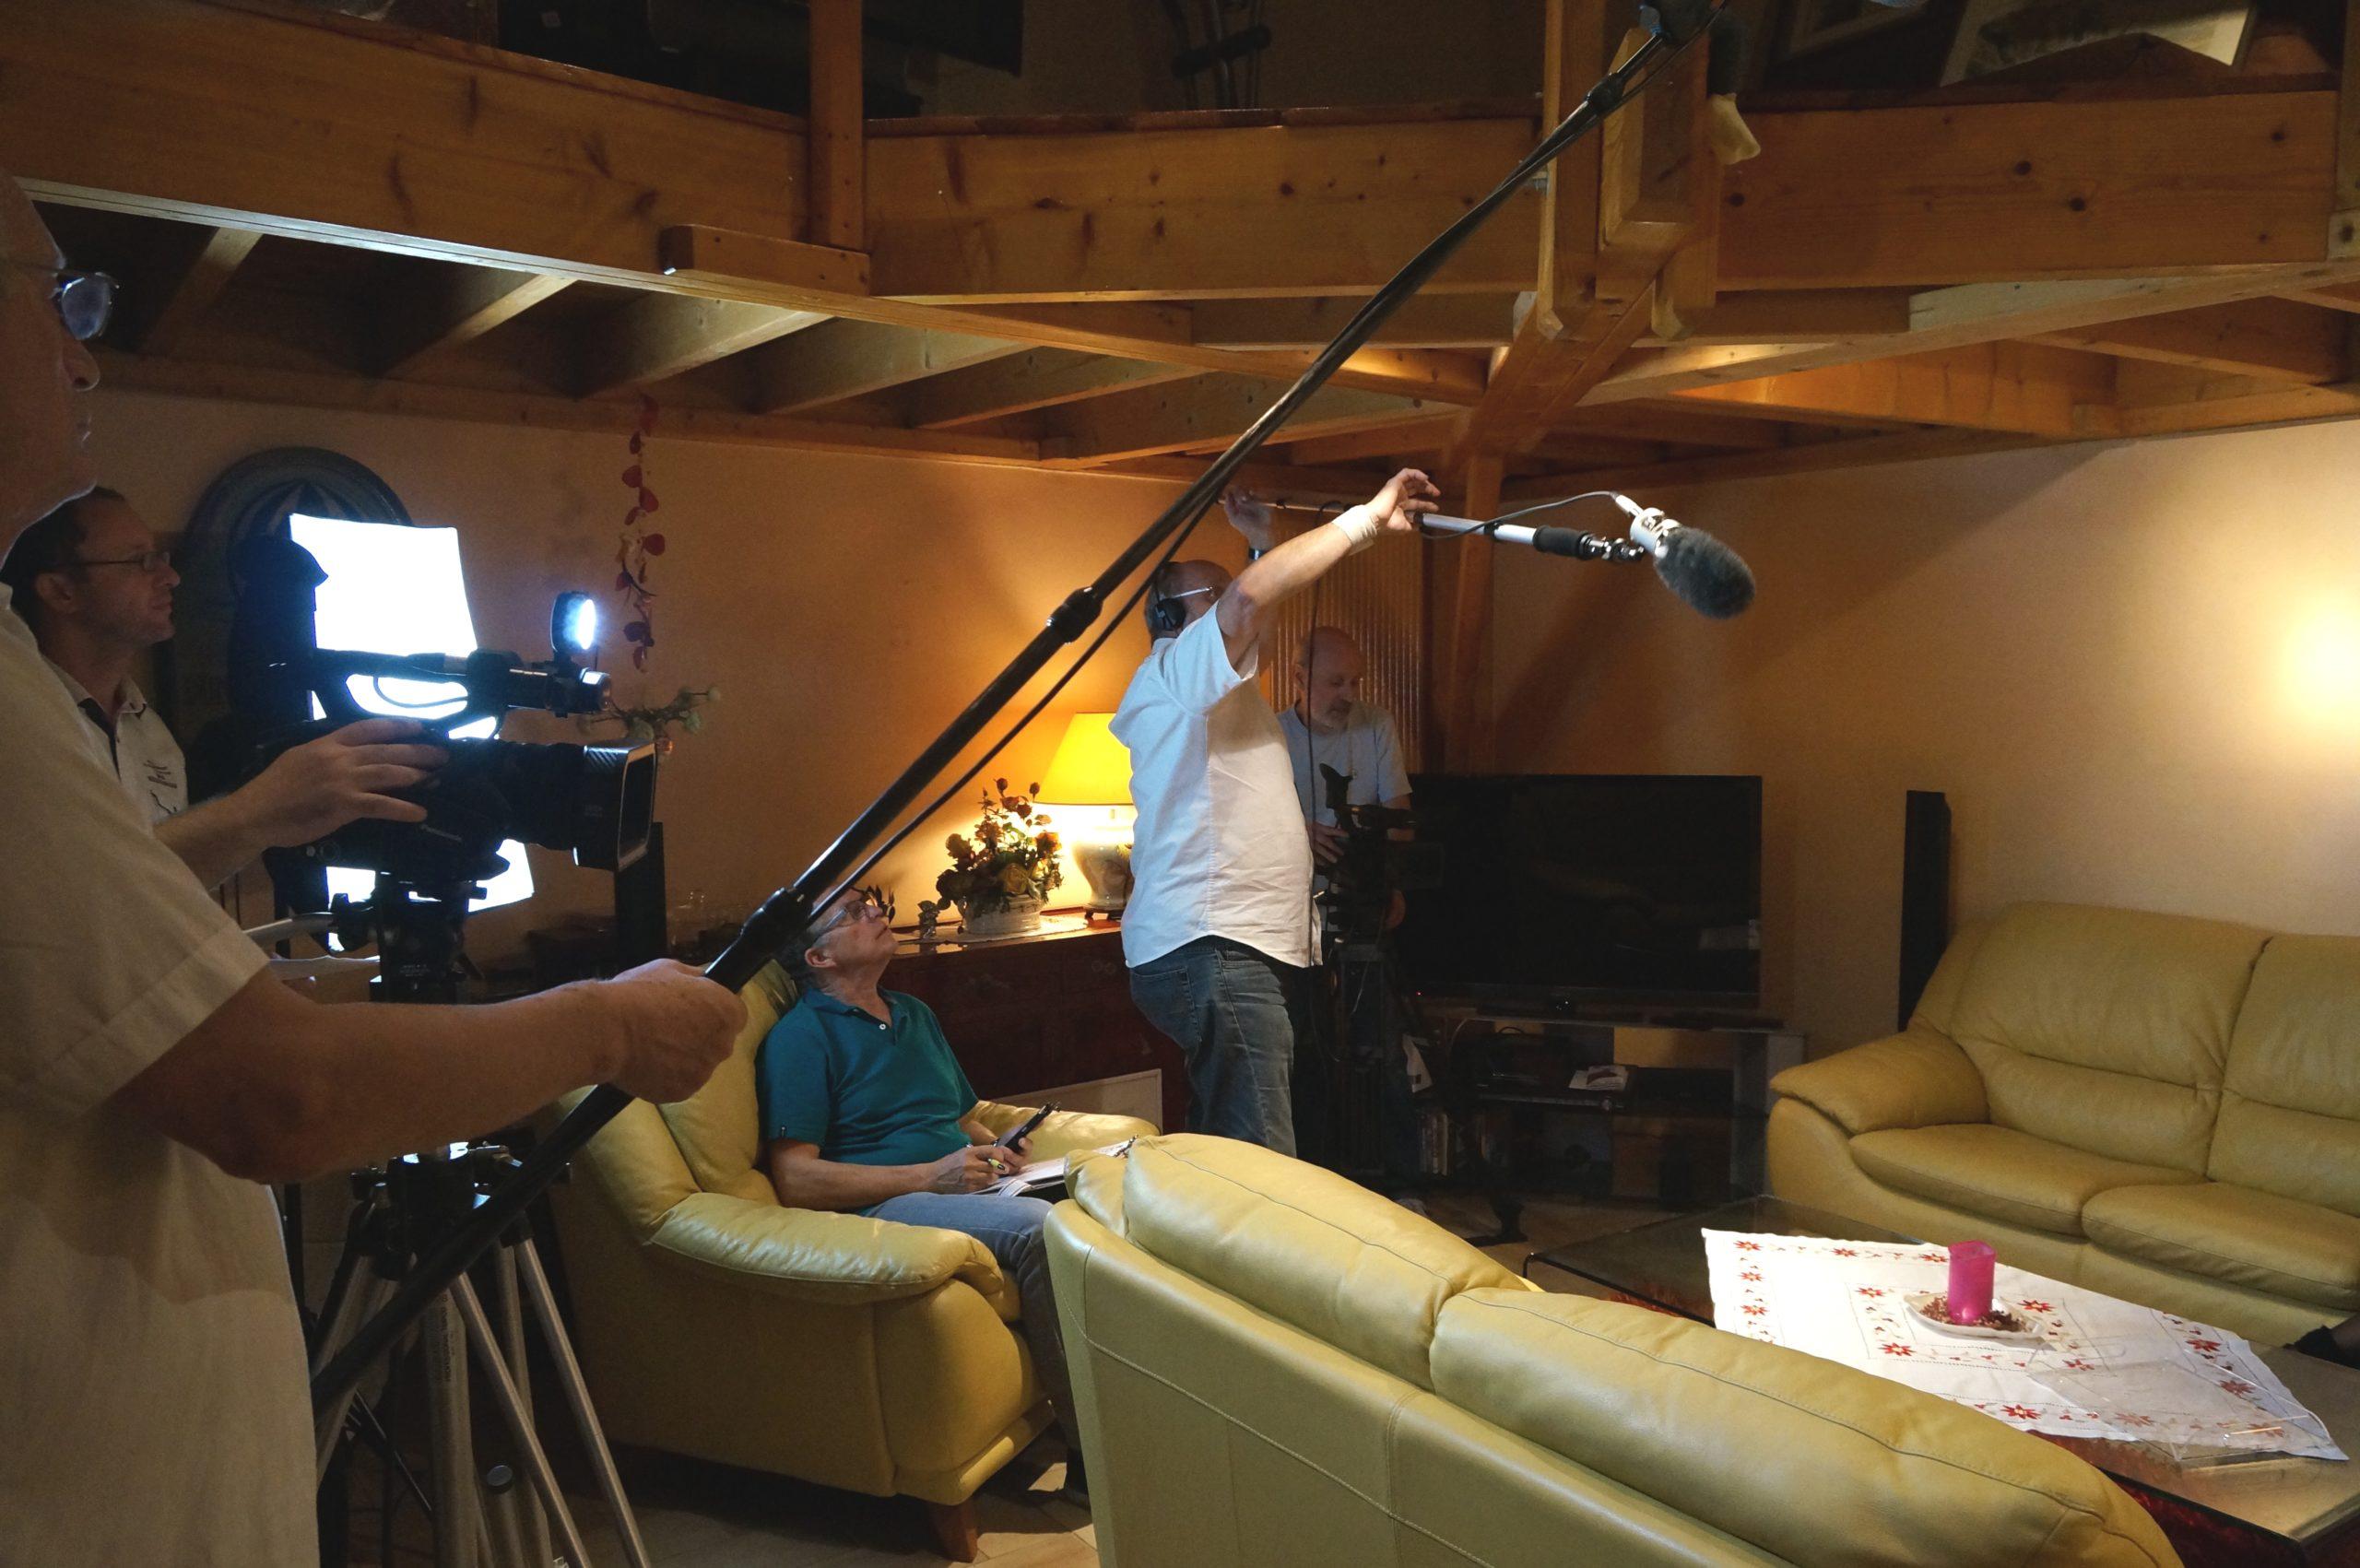 Tontons cadreurs 48hfp 2016 Portrait de famille tournage 4